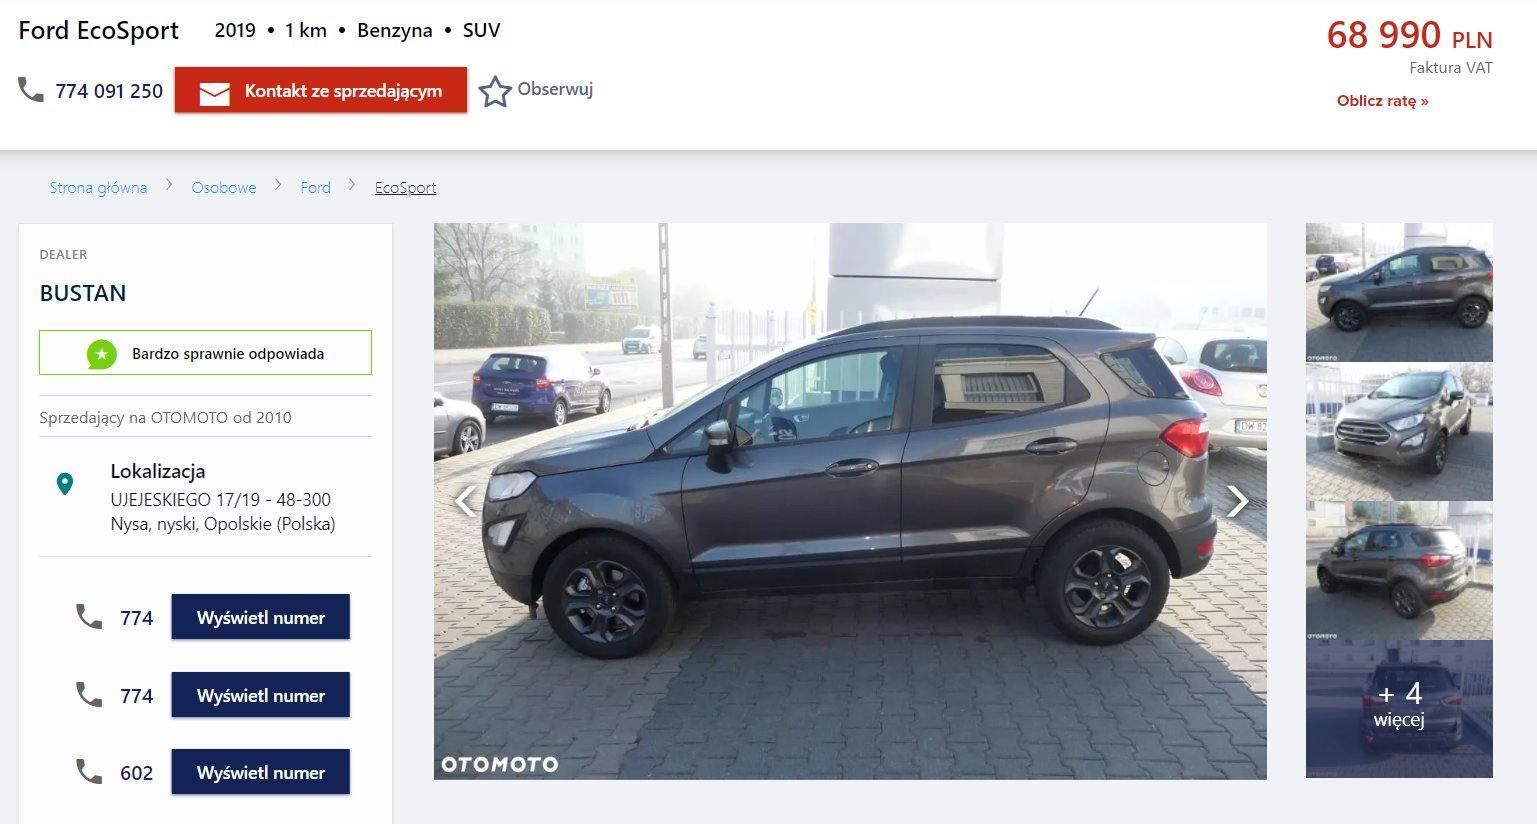 Oferta sprzedaży: Ford EcoSport, źródło: OtoMoto